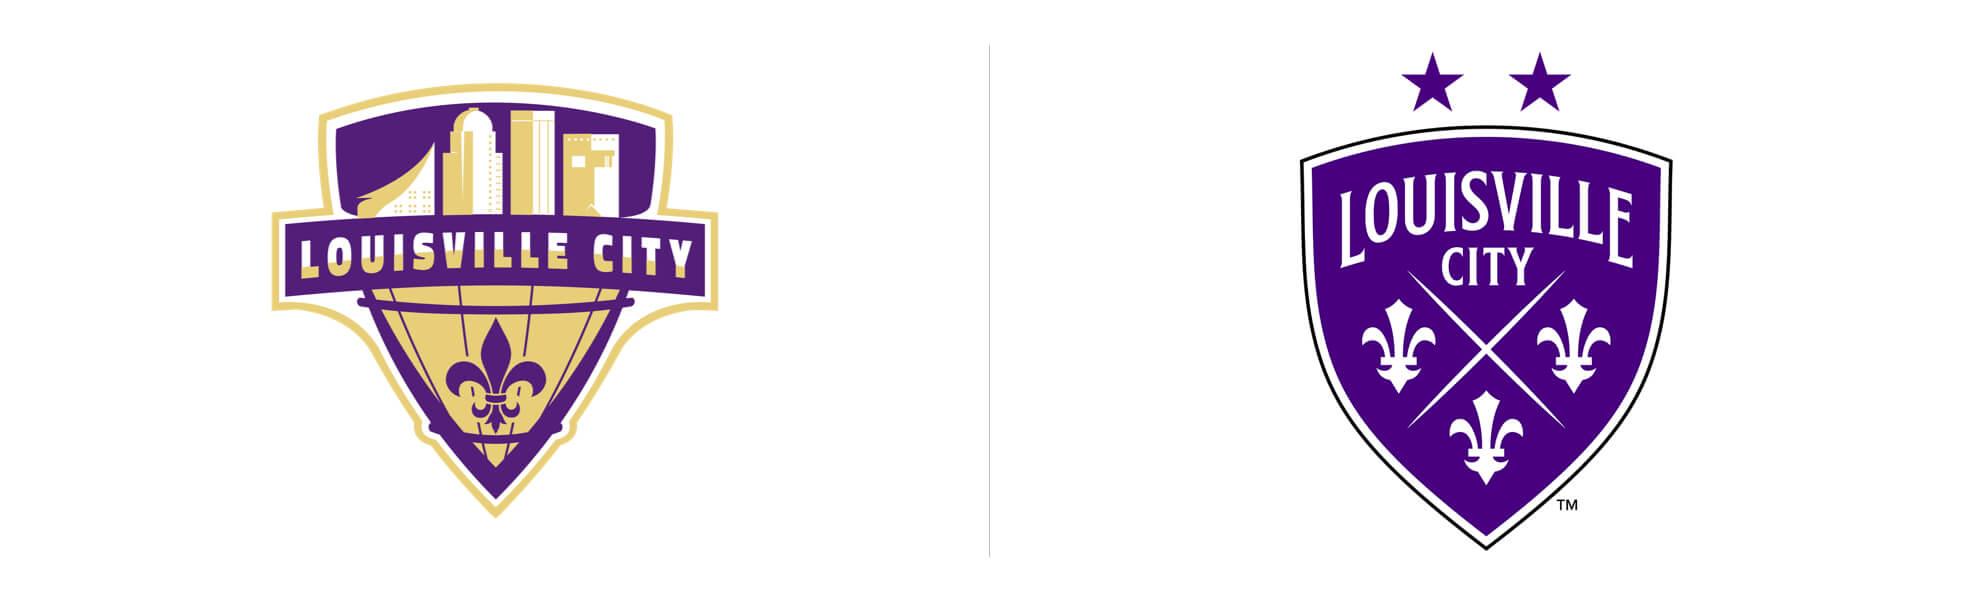 Louisville City czwarty raz zmienia logo